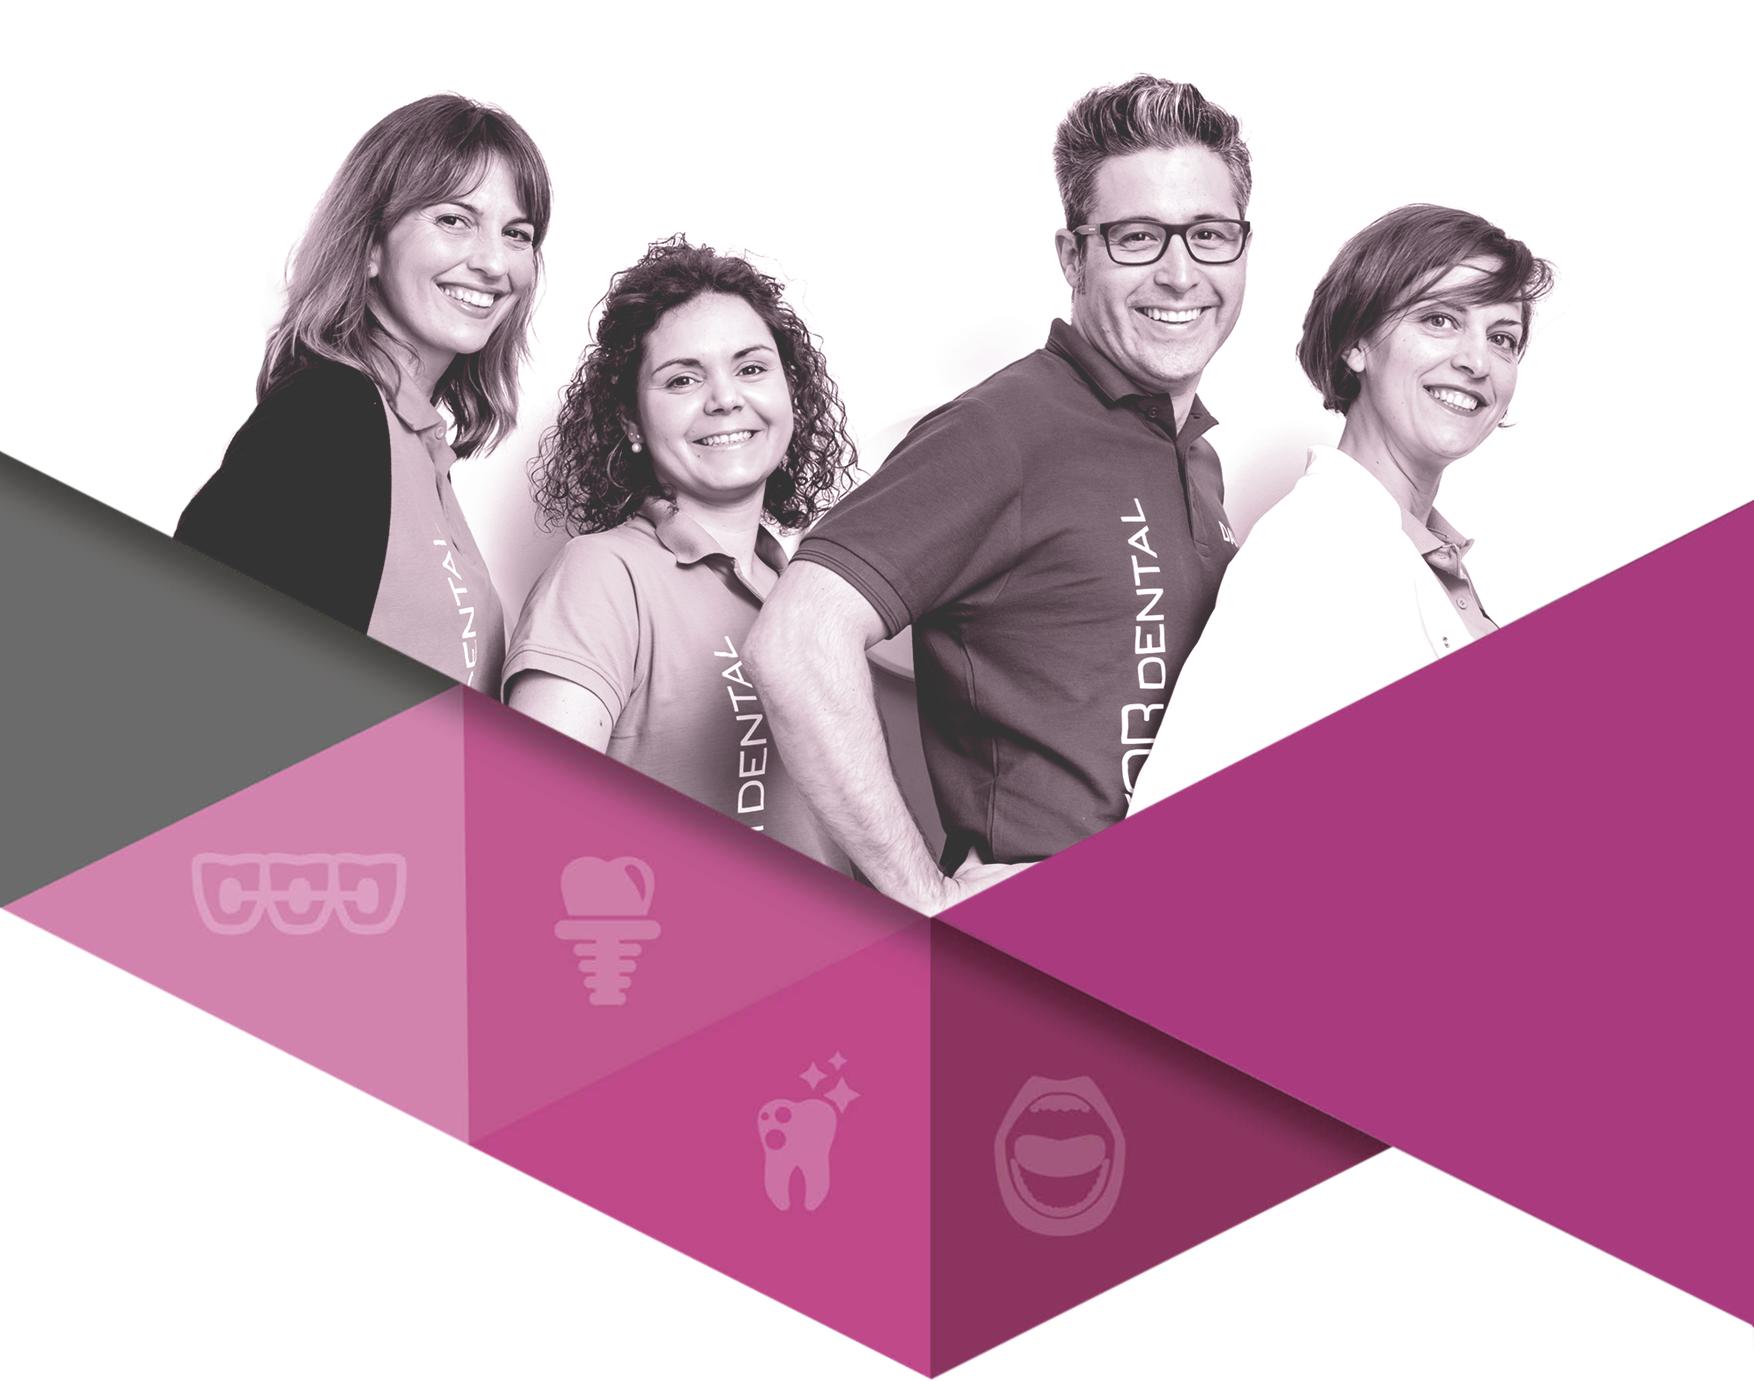 Tratamientos tutor dental clínca dental en Calahorra La Rioja